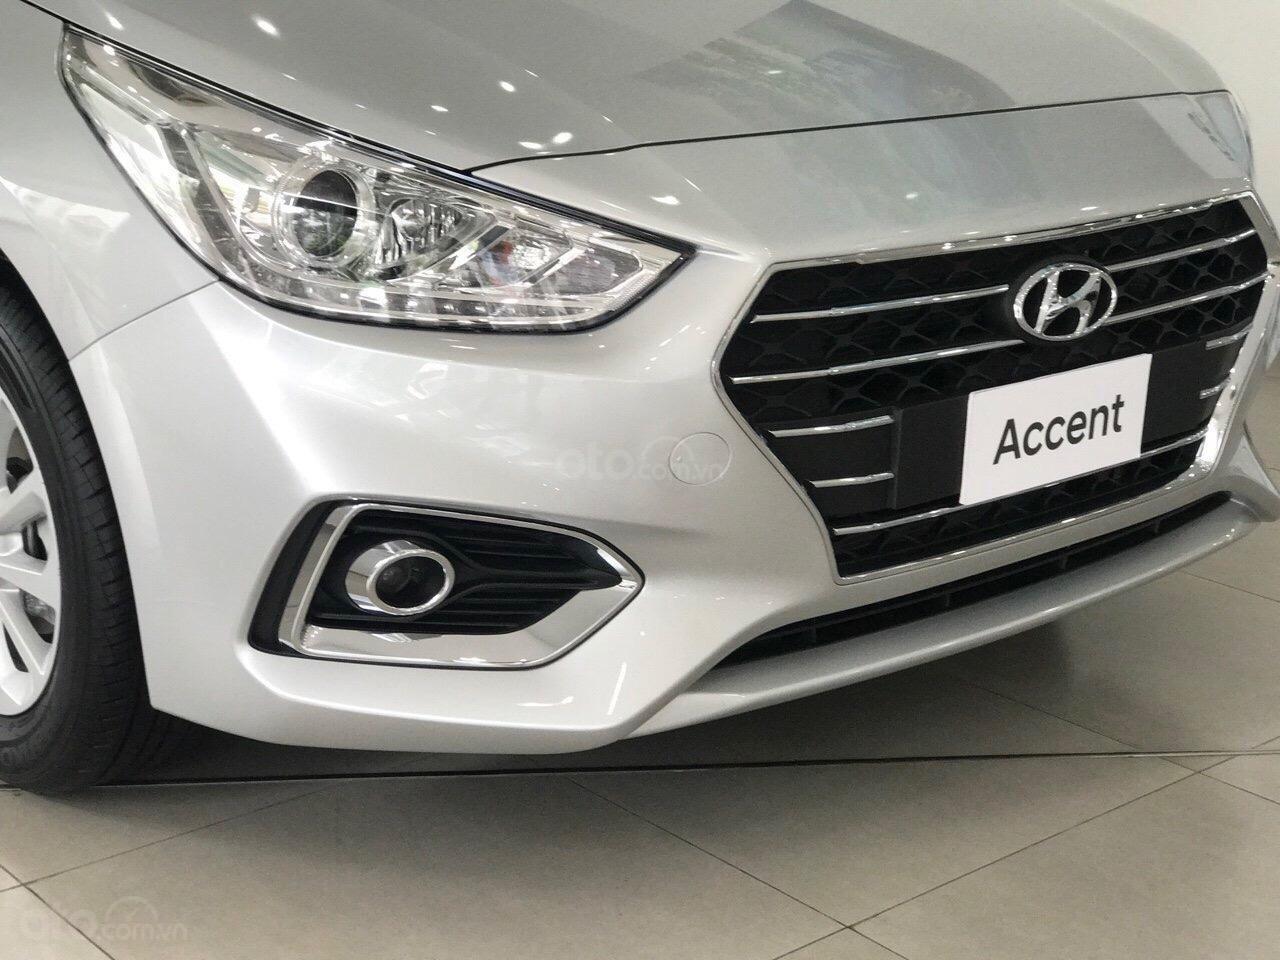 Hyundai Accent chuyên chạy taxi - grab - giá rẻ - giao ngay- chỉ 125tr nhận xe - LH 0909862412-5